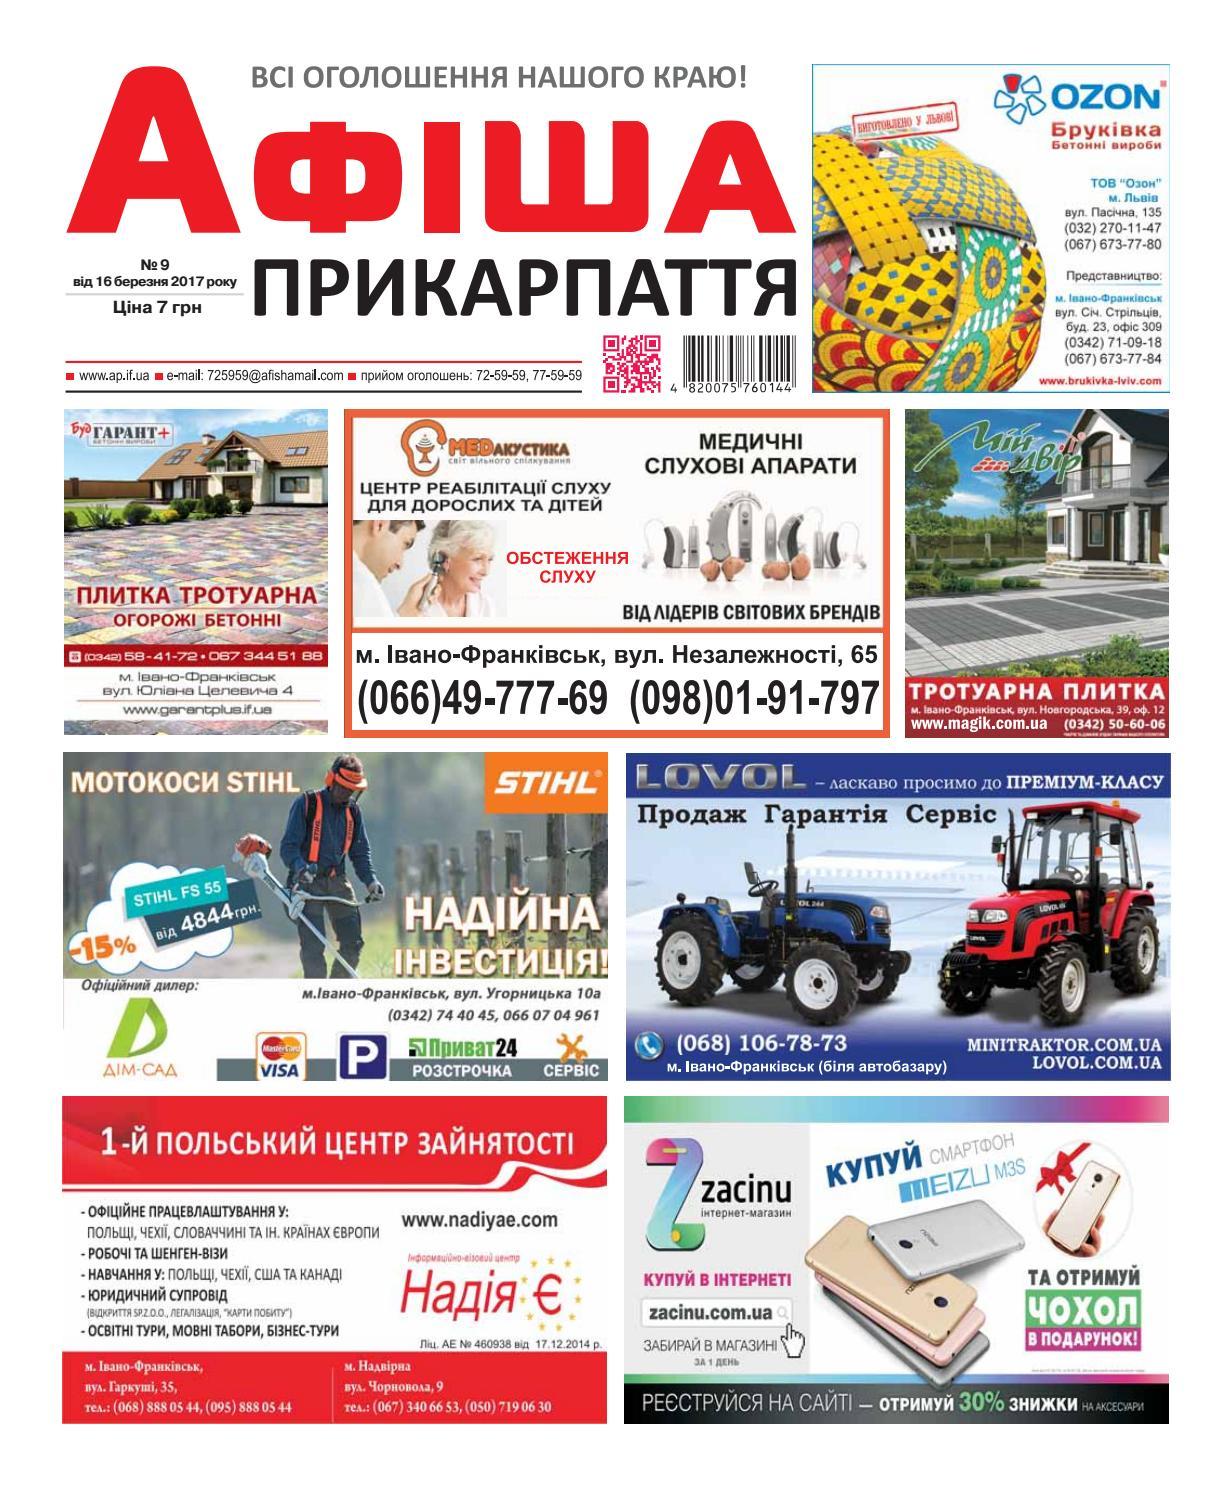 Афіша Прикарпаття 9 by Olya Olya - issuu 0fdf6057f81de